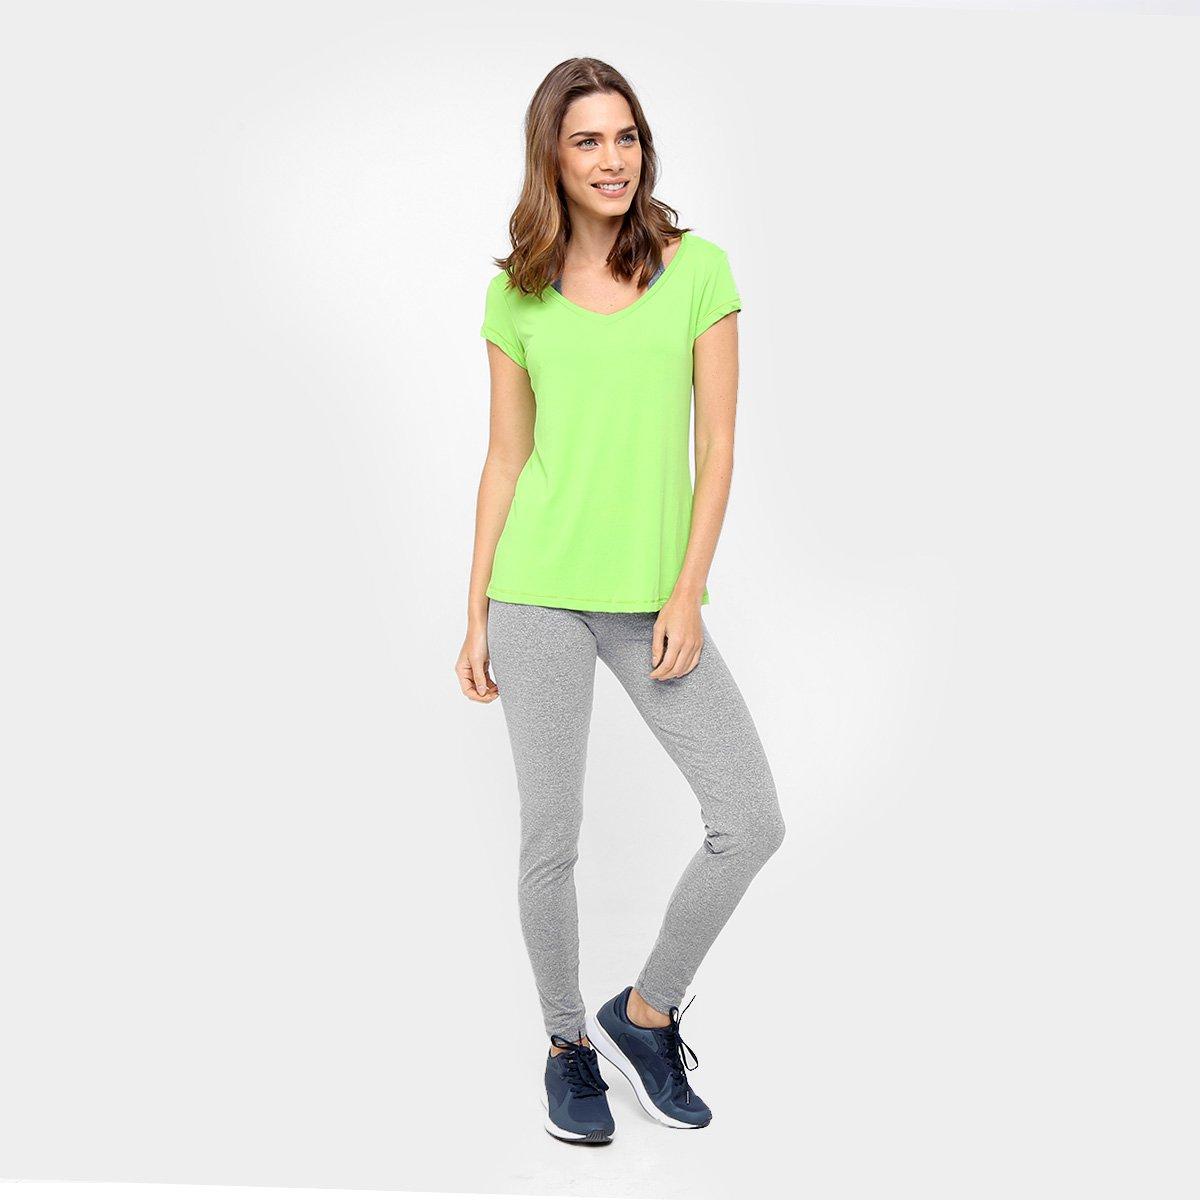 b86ae5c7e4 Camiseta Fila Bio Feminina - Verde claro - Compre Agora